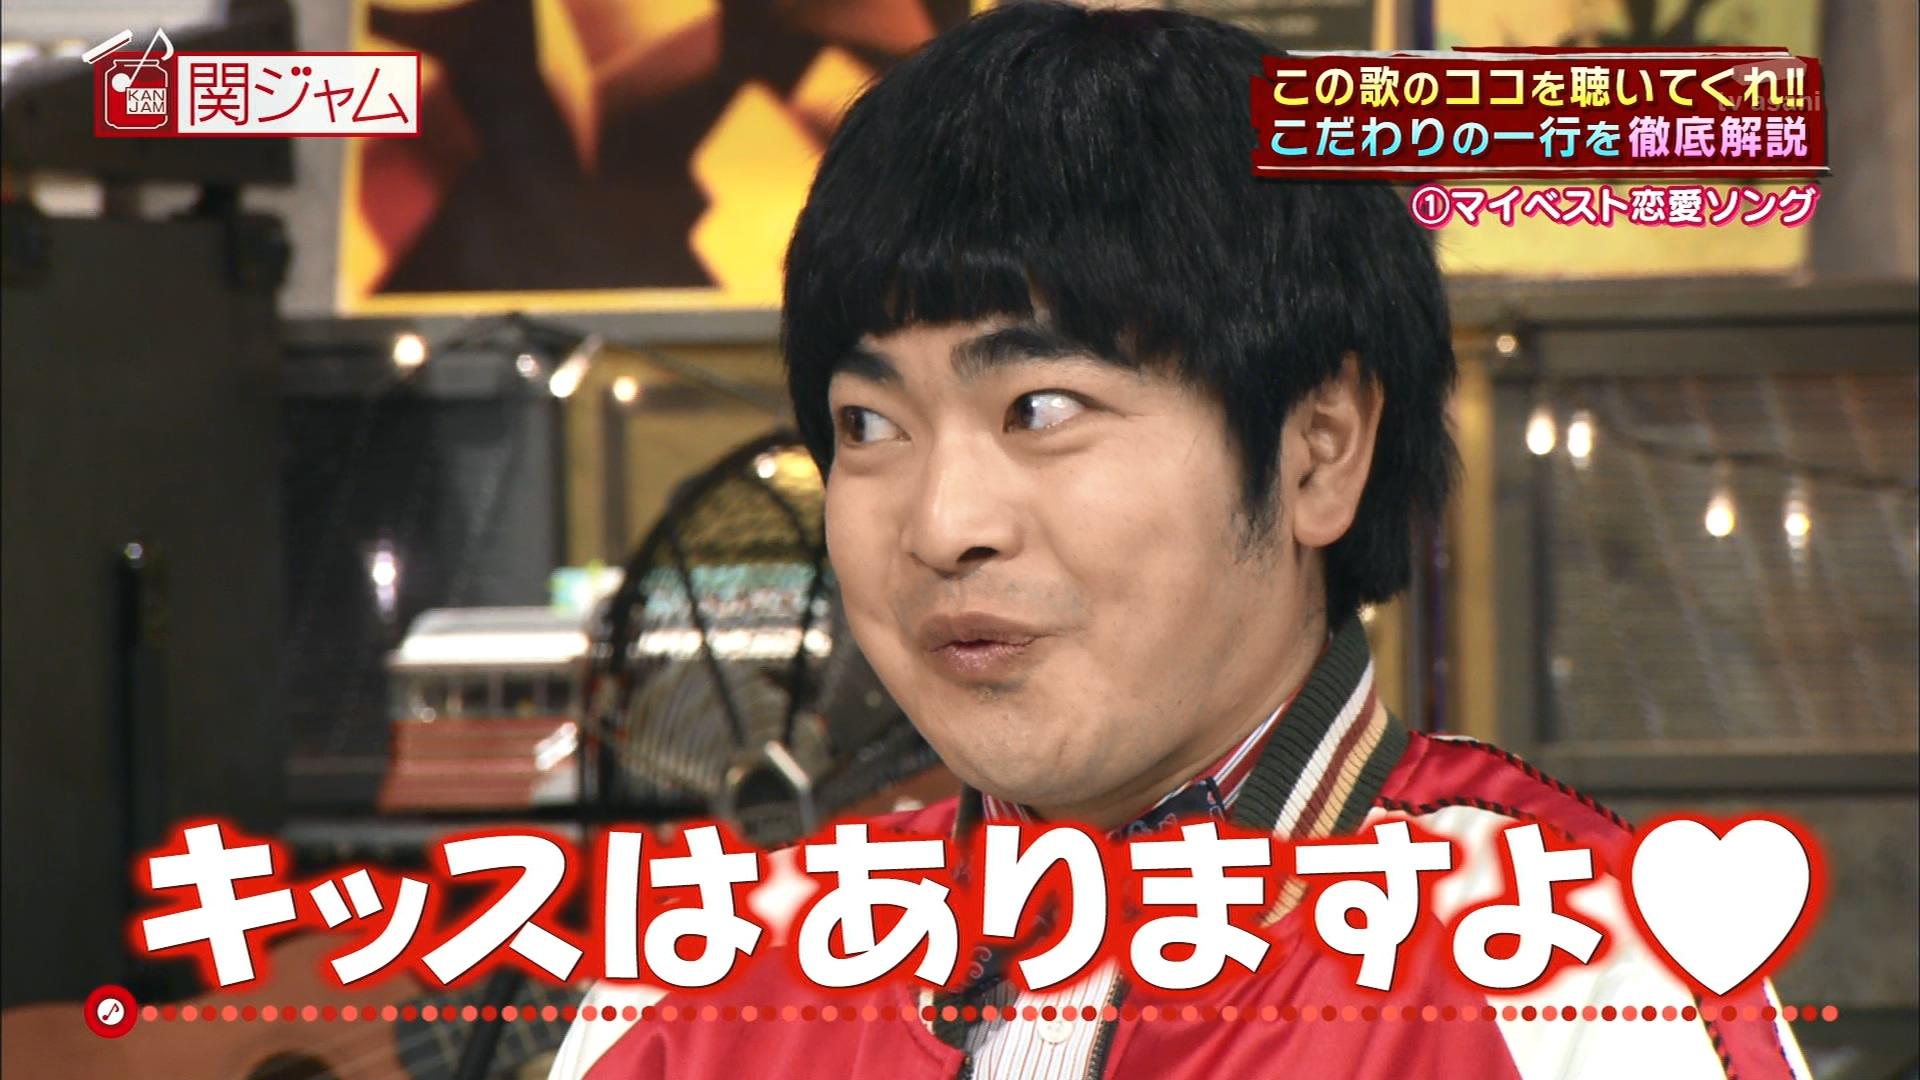 2016.03.13 全場(関ジャム 完全燃SHOW).ts_20160314_022311.202